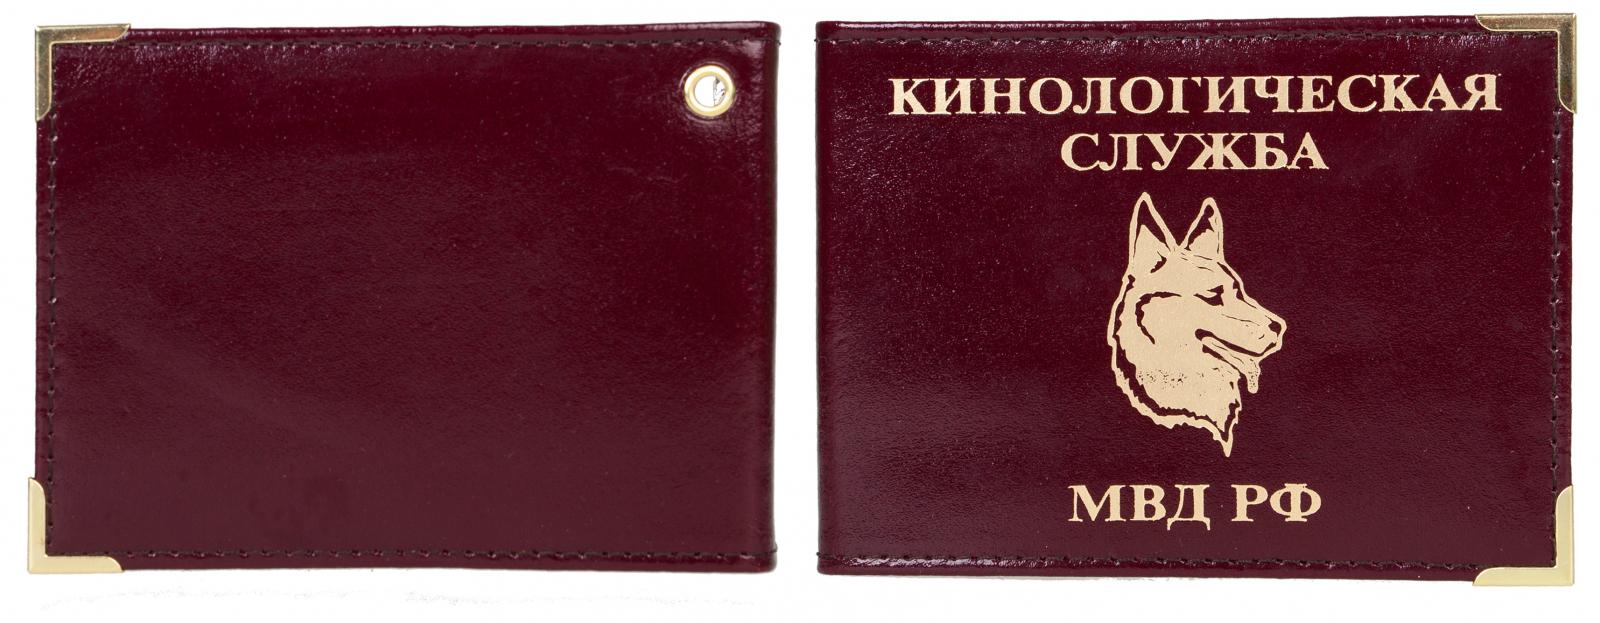 Обложка на удостоверение «Кинологическая служба МВД РФ»